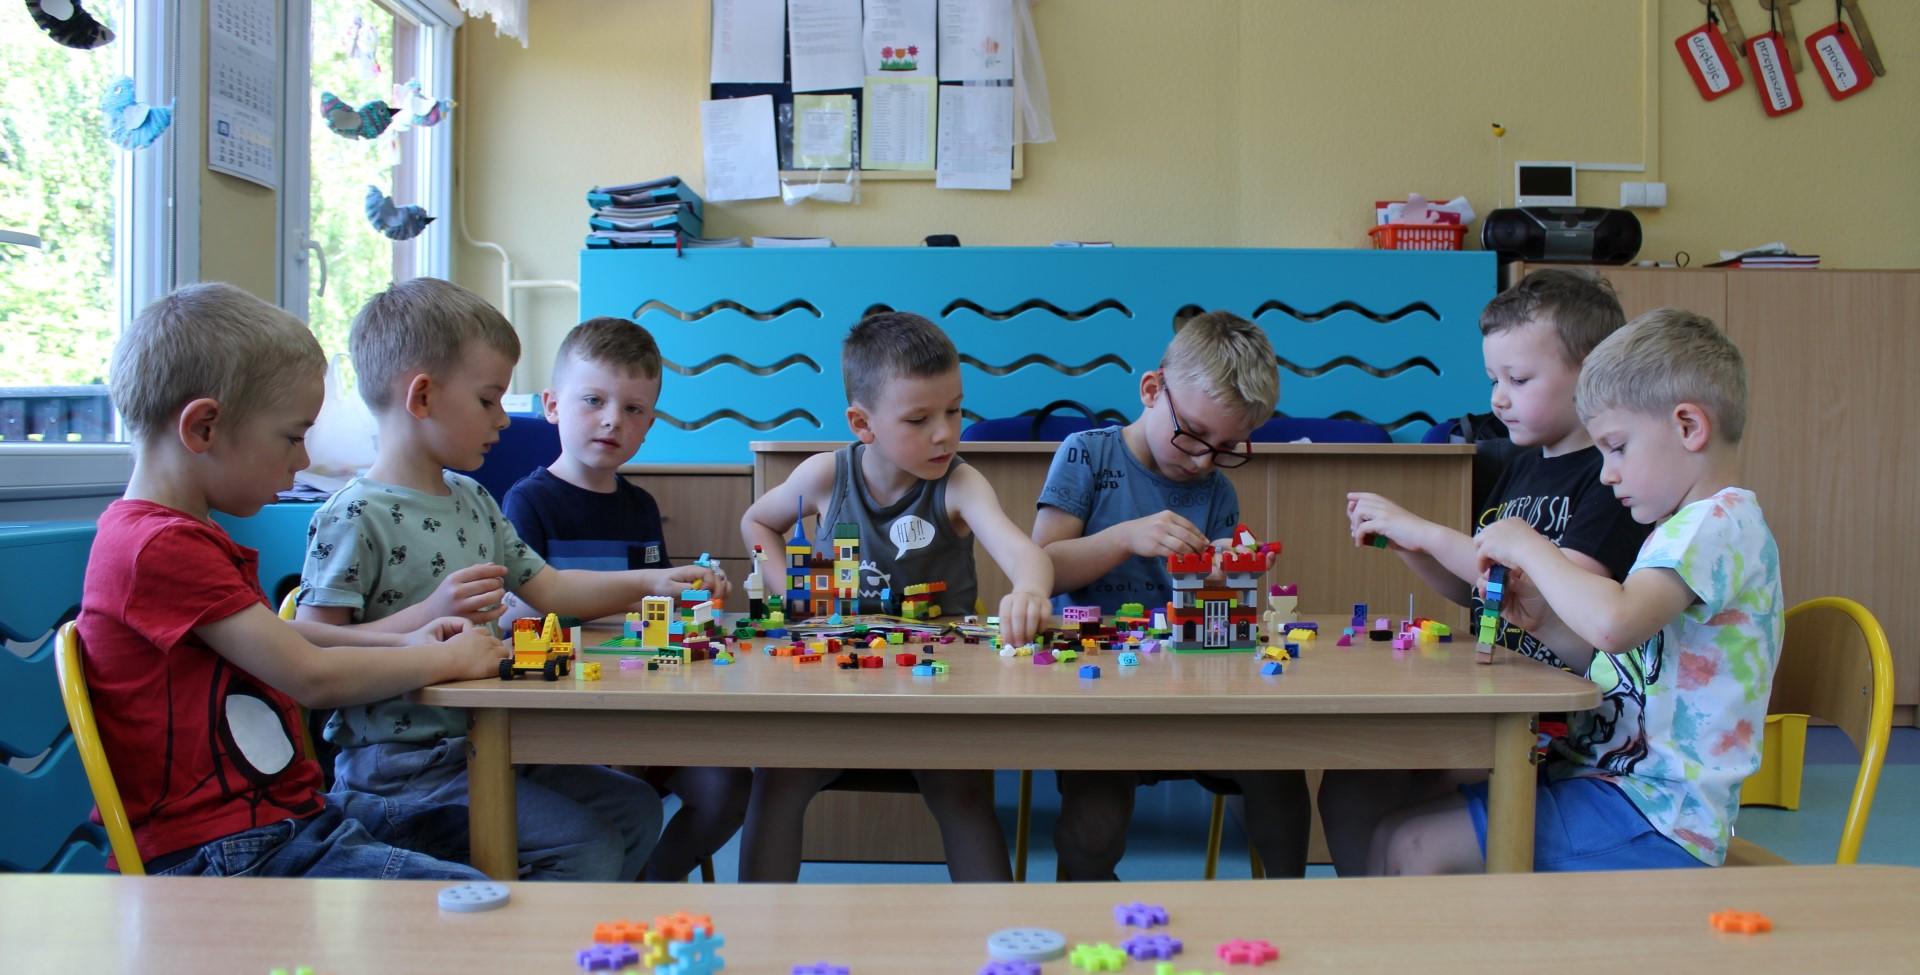 Chłopcy budują różne budowle z klocków lego.